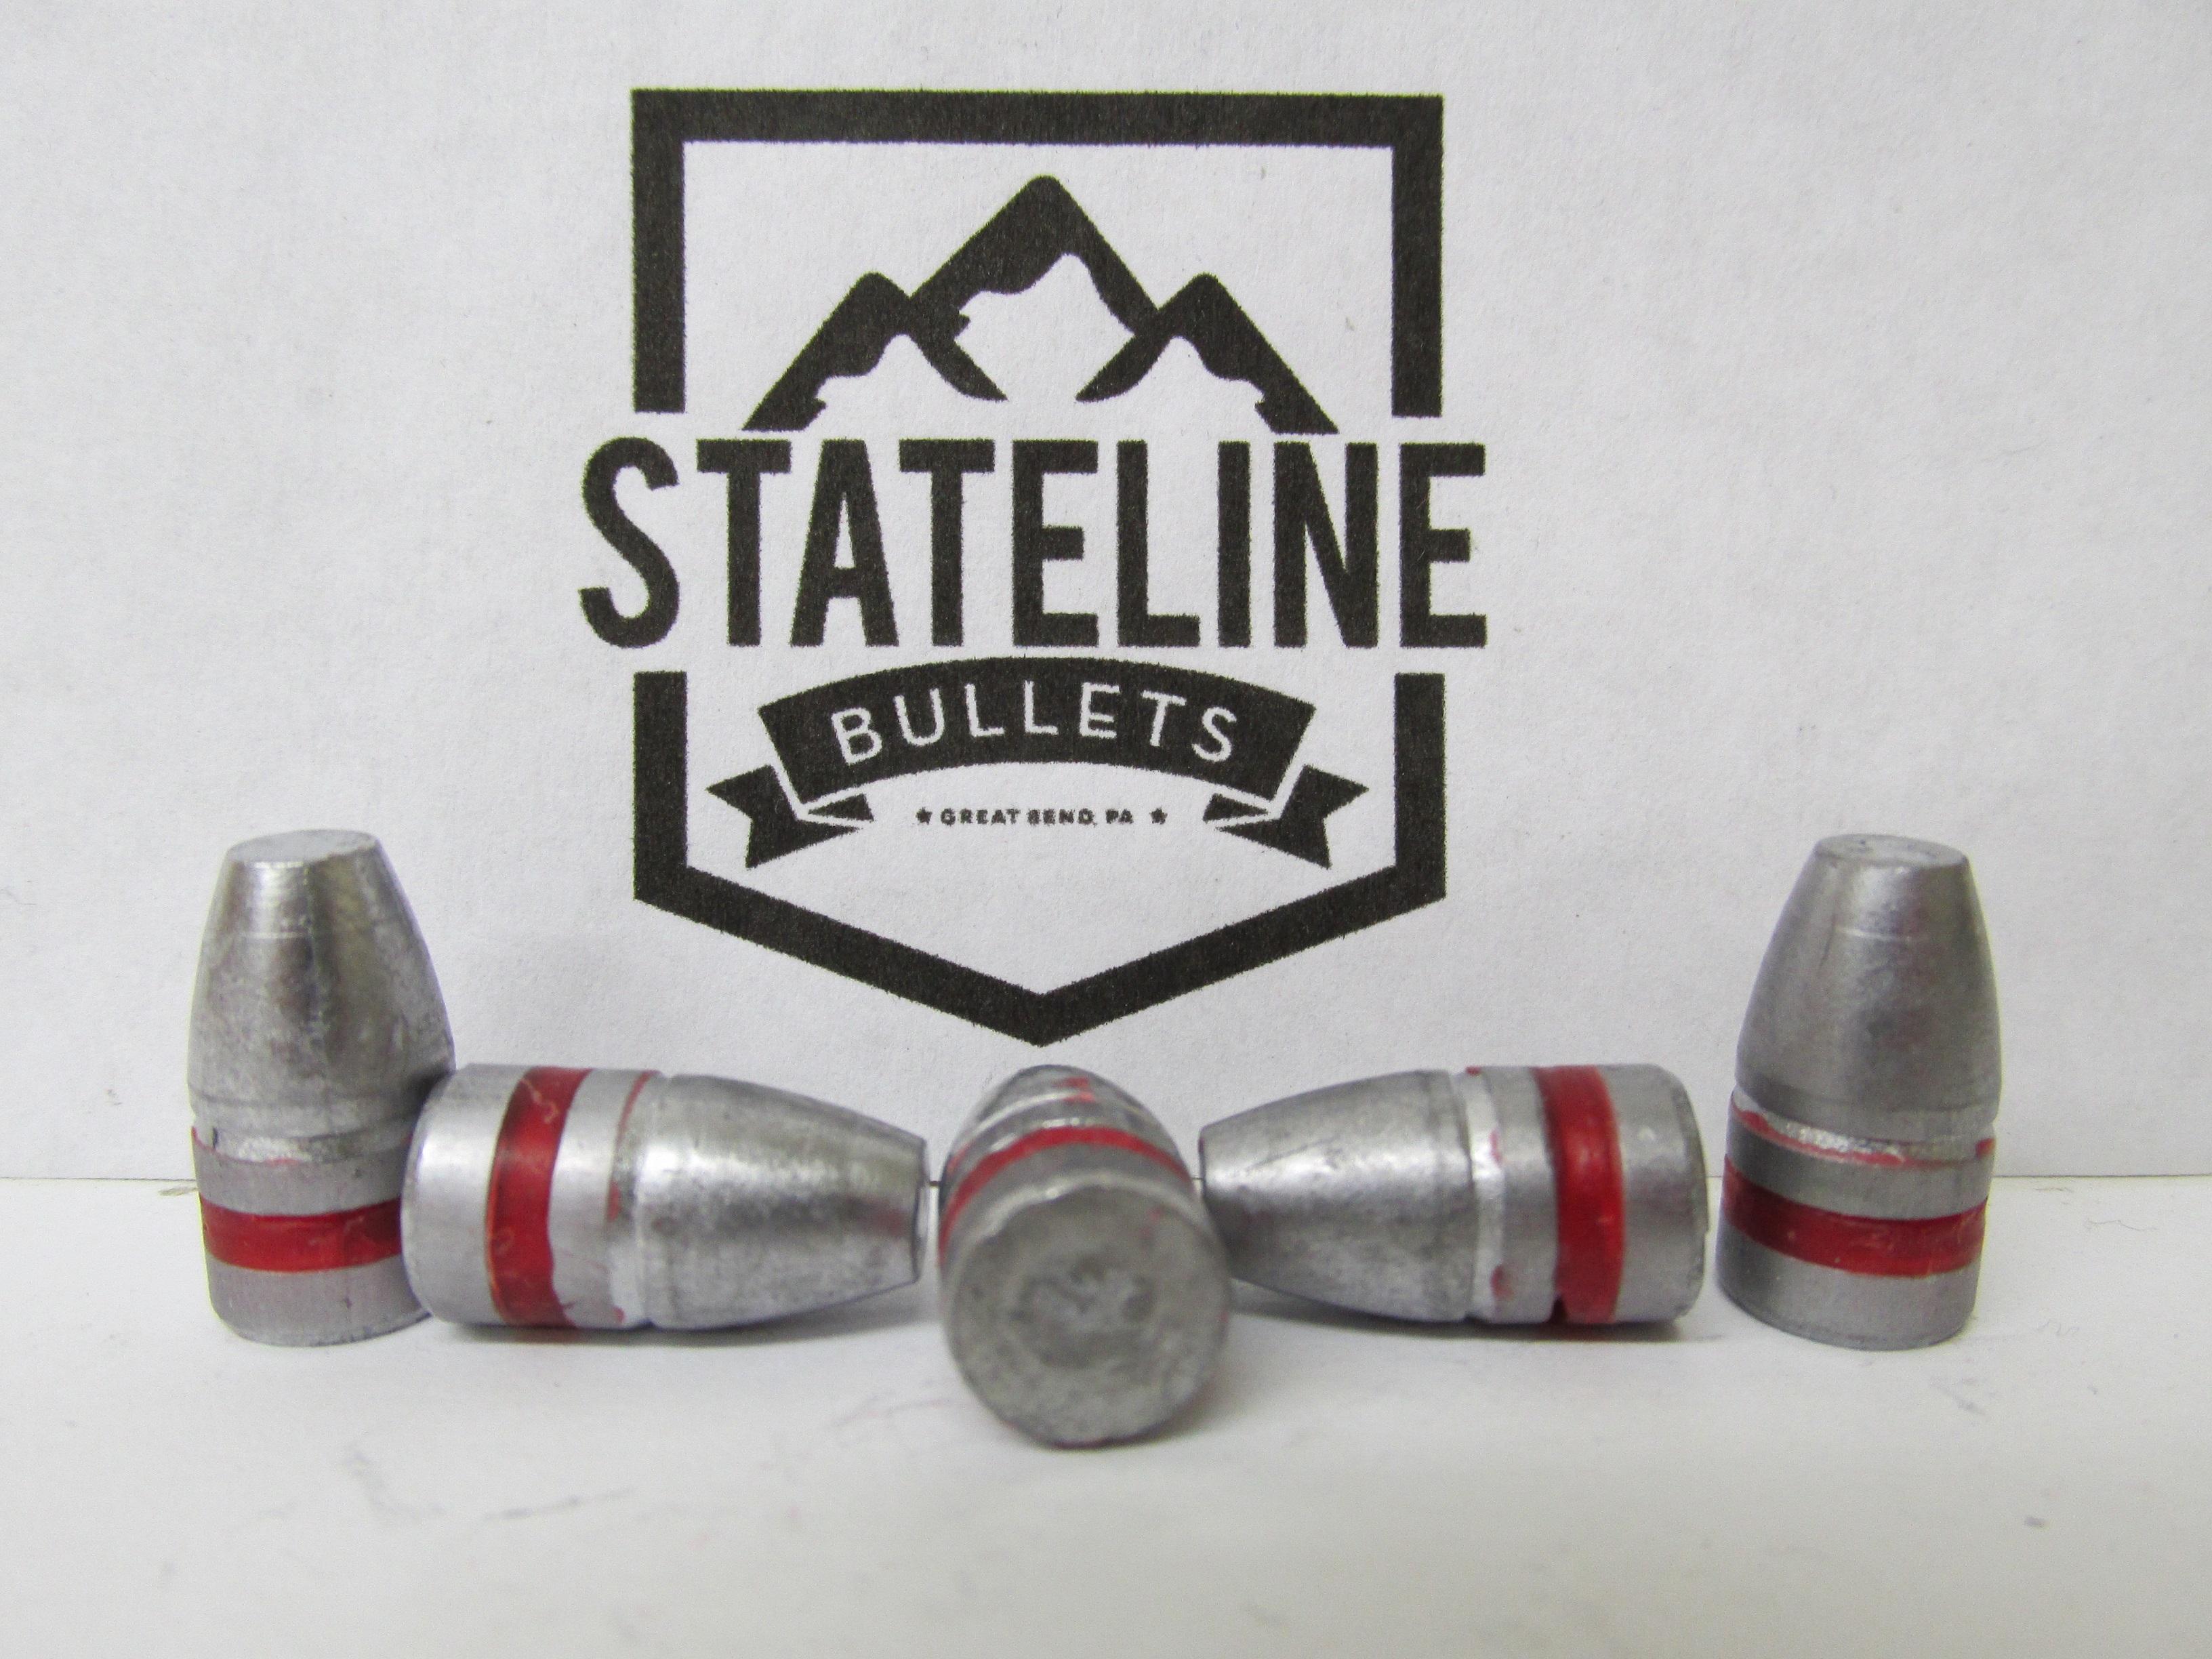 38 Cal 150gr TC - Cowboy Action - Stateline Bullets